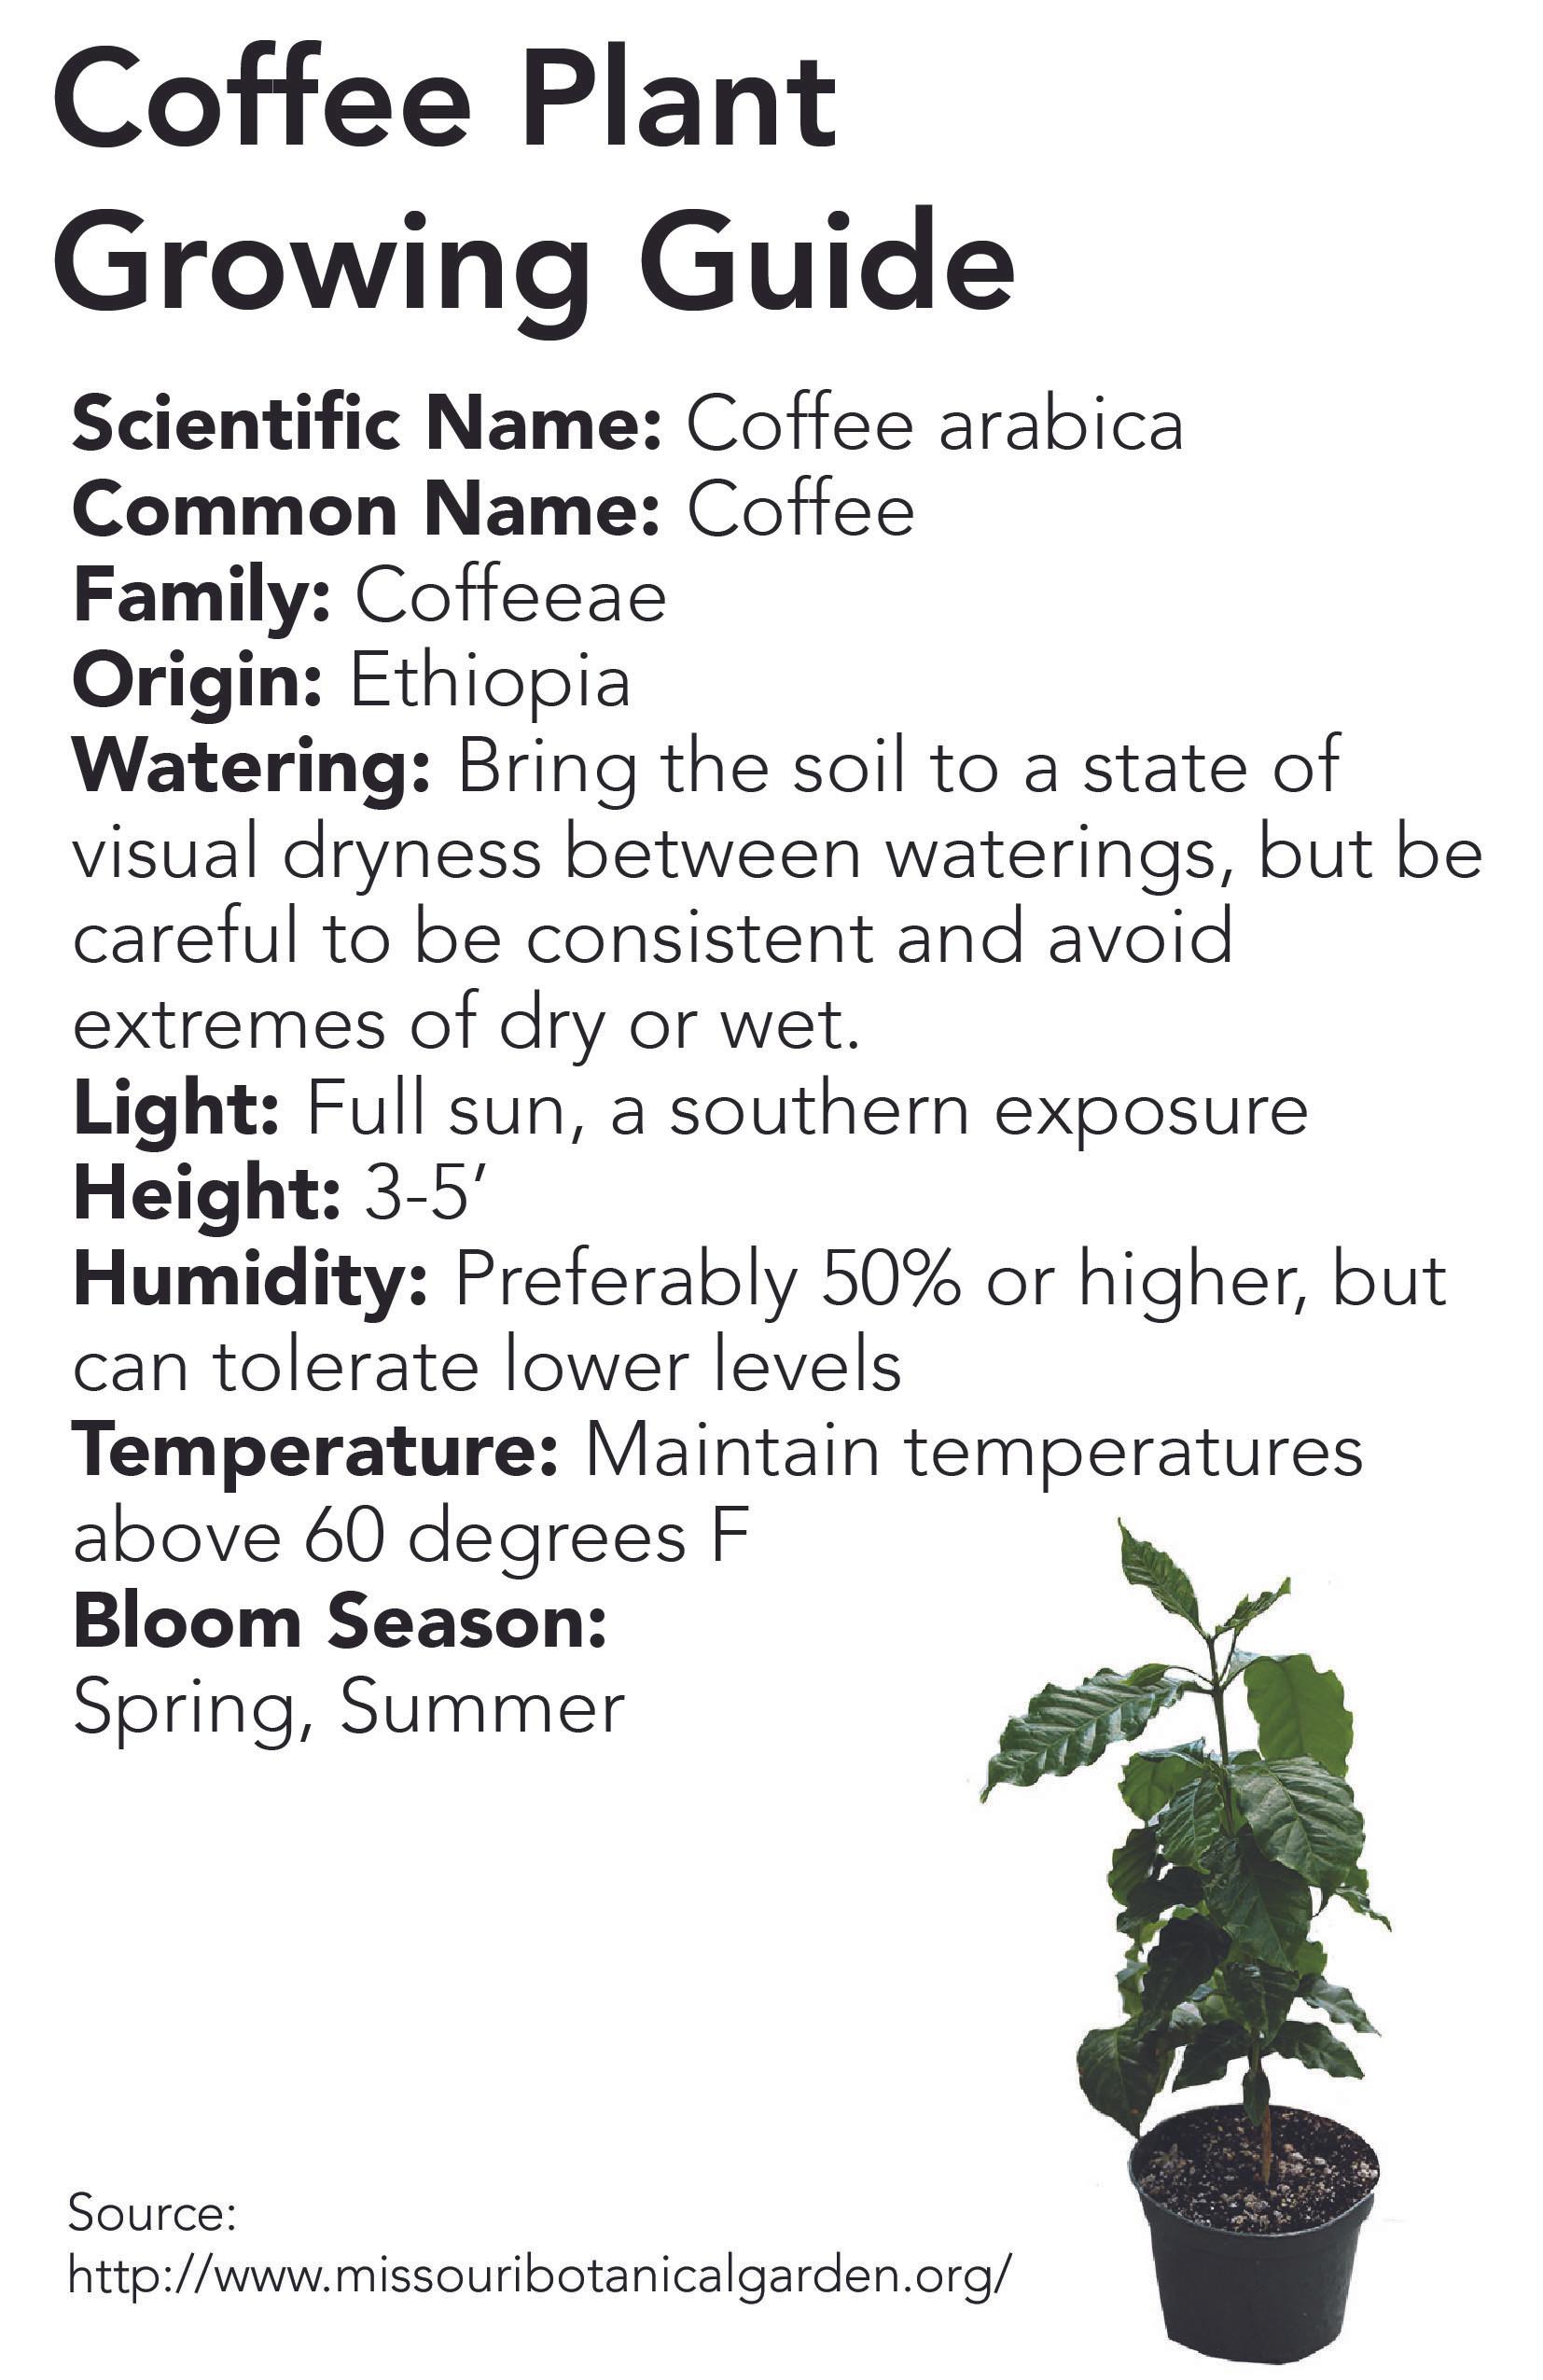 plant-info-11 copy.jpg